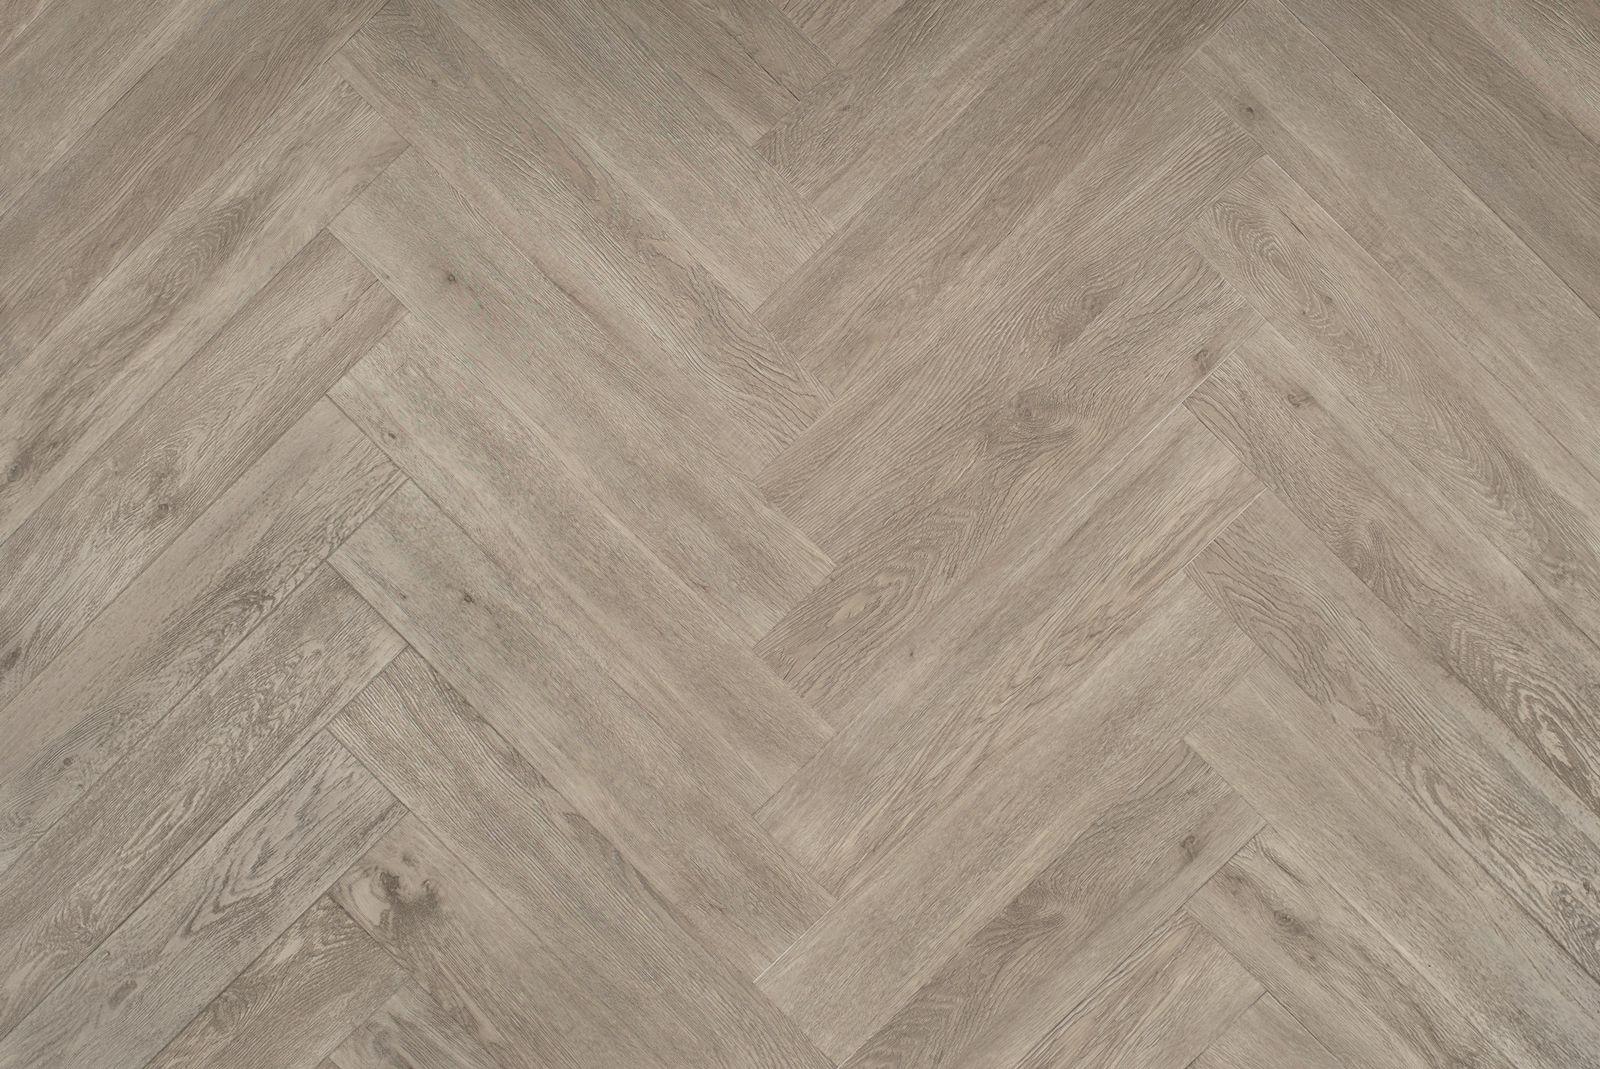 Pvc Visgraat Vloer : Floer visgraat pvc verlijmd vloer stroken eiken grijs wit bruin